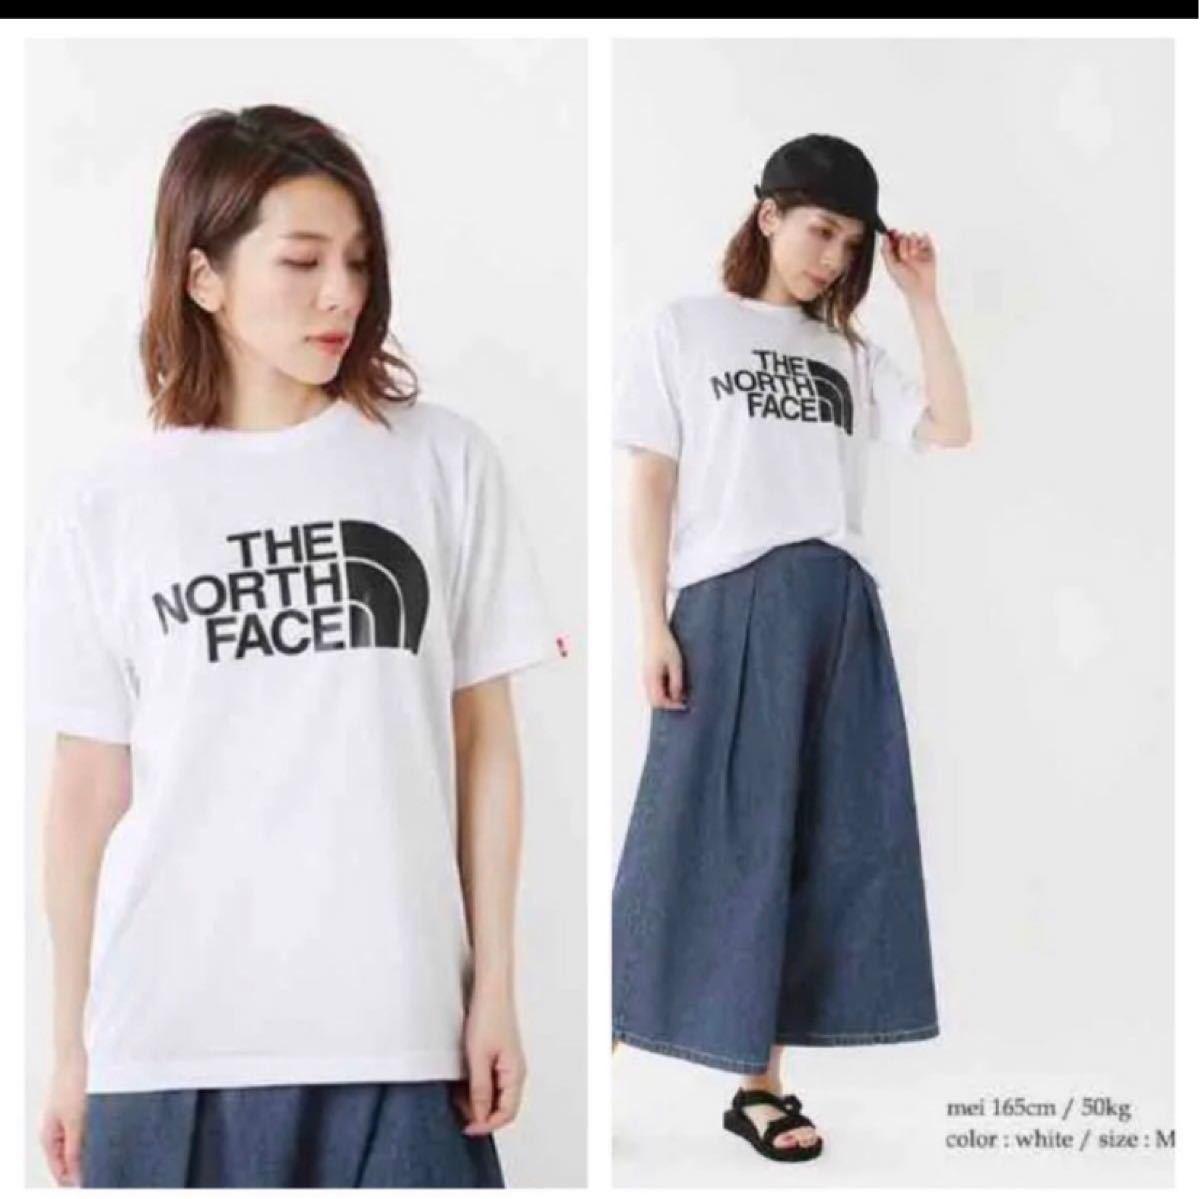 THE NORTH FACE 半袖Tシャツ ザノースフェイス ロゴTシャツ